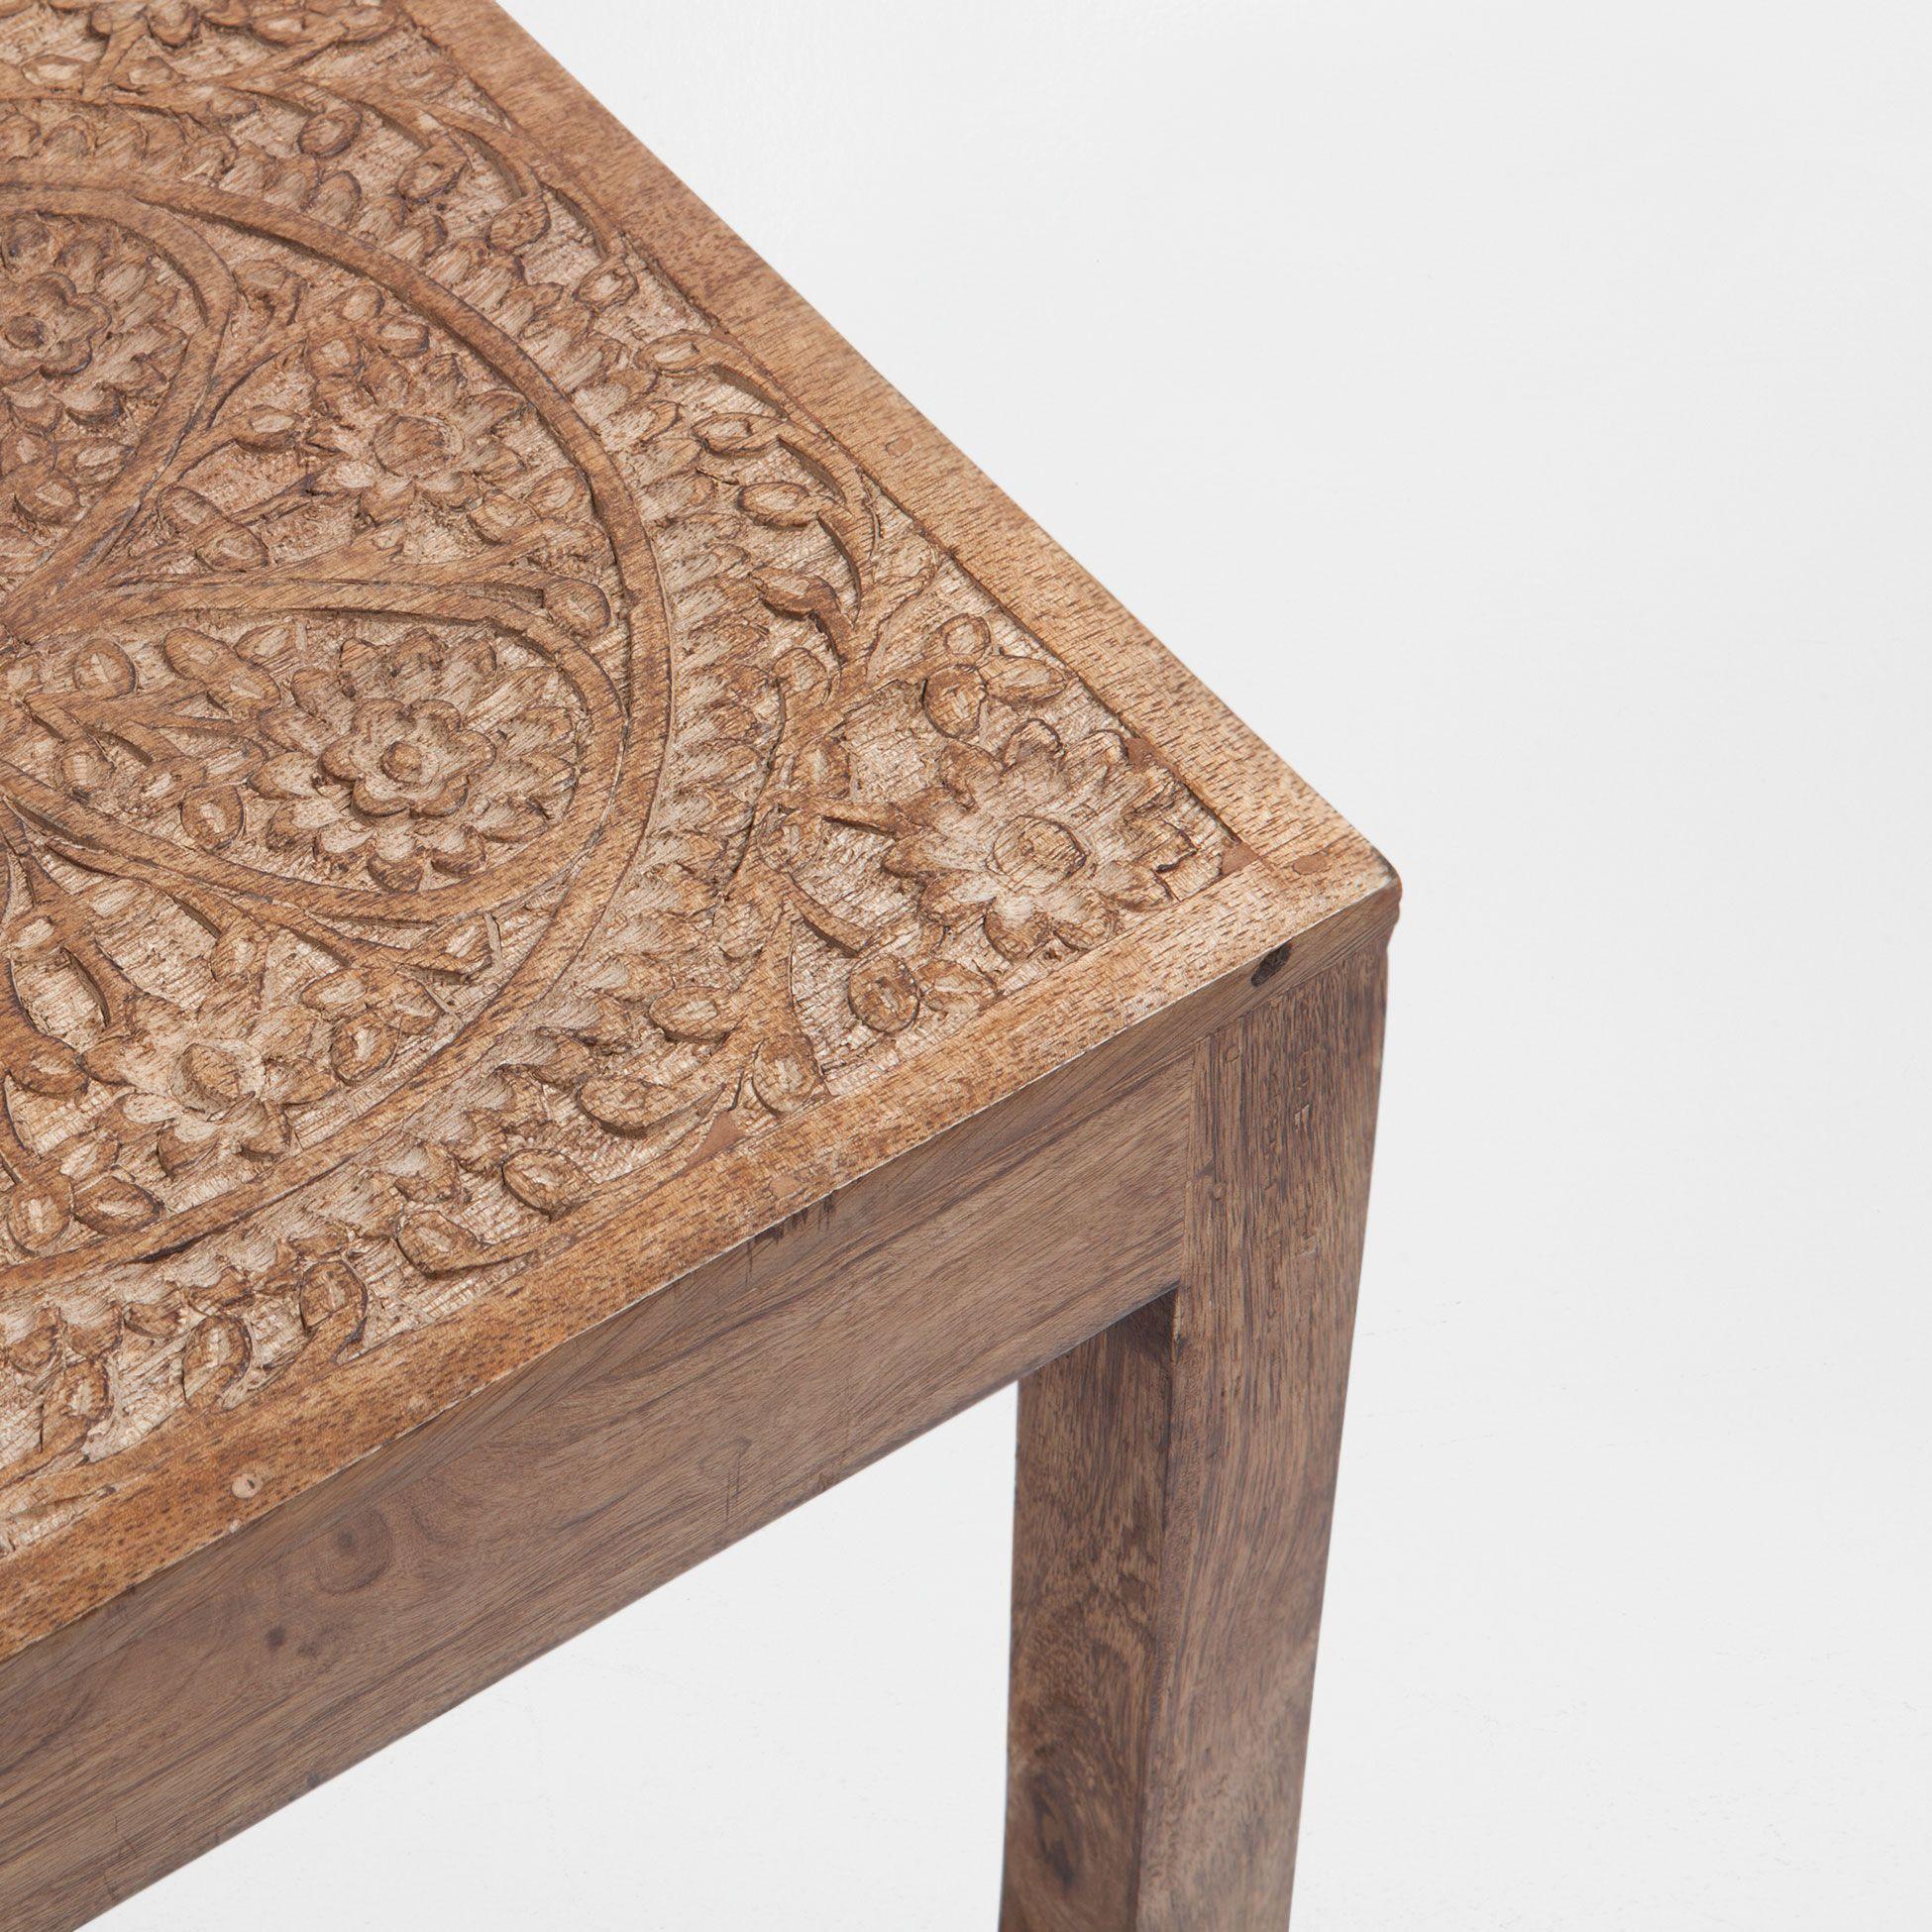 Petite Table Impression Marron Tabourets Meubles D Appoint Decoration Zara Home France Mobilier De Salon Meubles D Appoint Zara Home